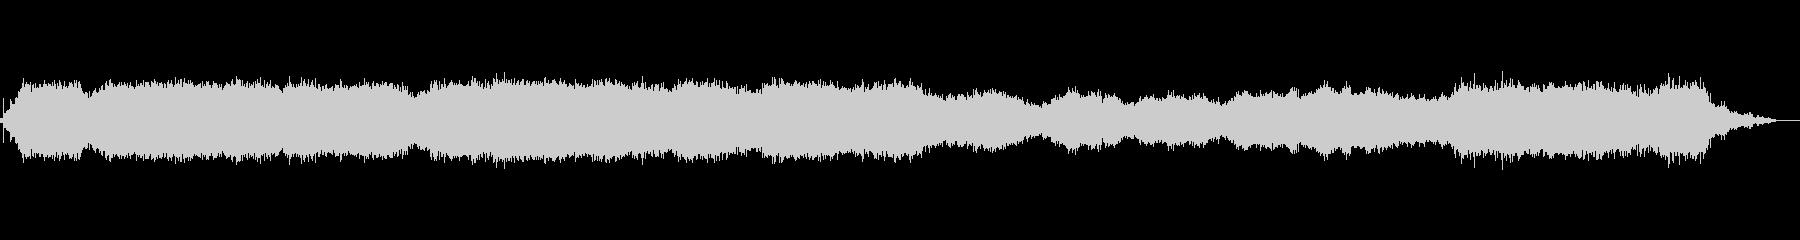 サンダー、一般的なモーターストレス...の未再生の波形